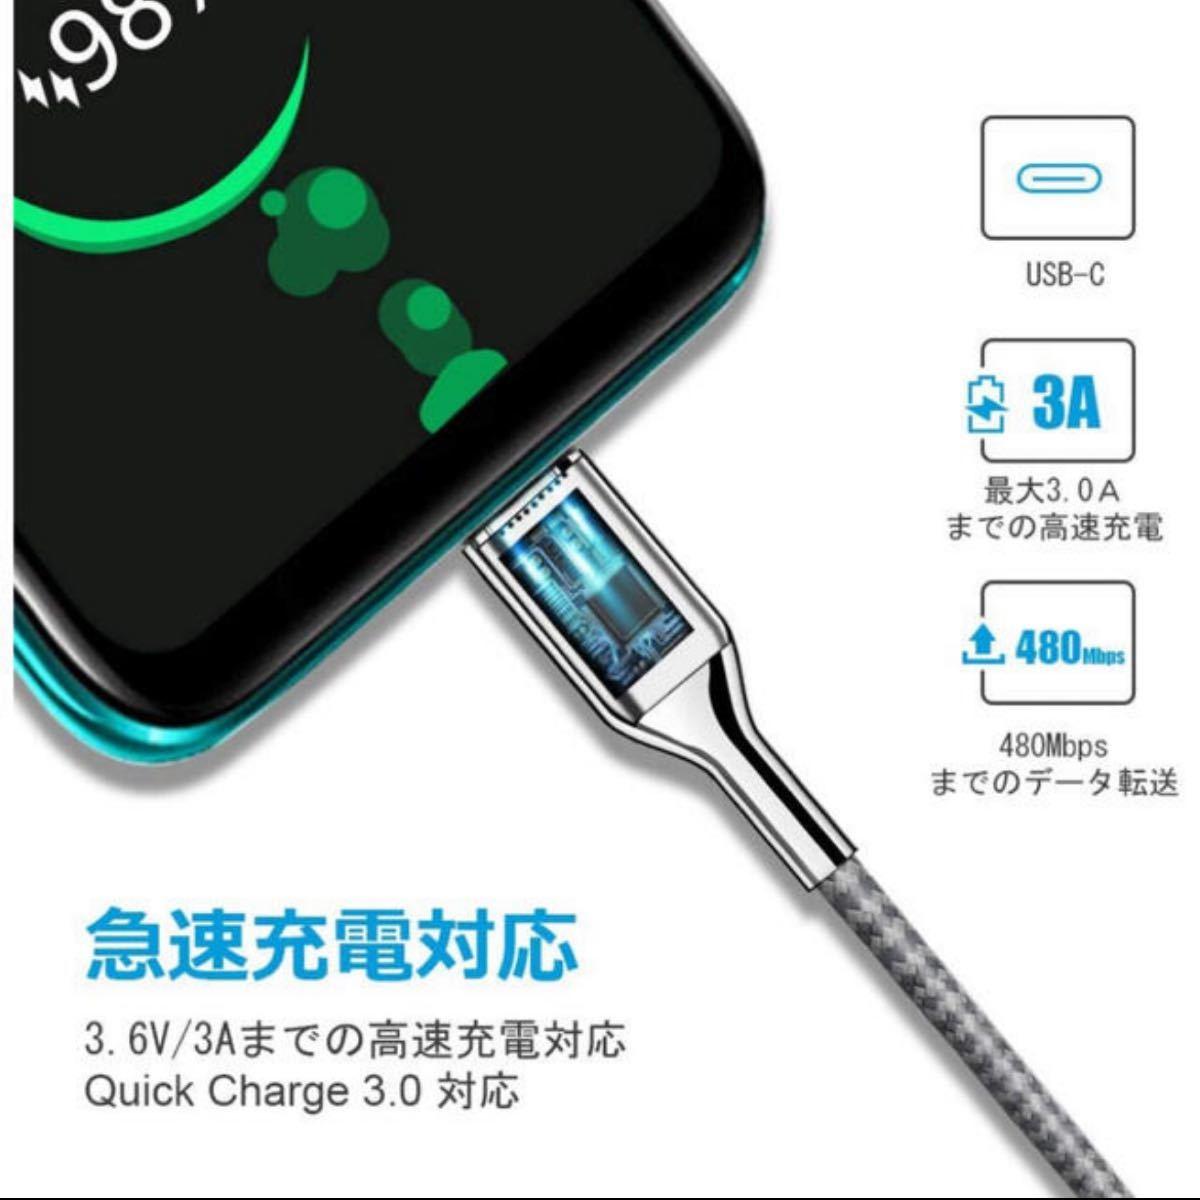 USB Type C ケーブル 充電ケーブル SOEKAVIA 【1mUSB-C & USB-A 3.0 ケーブル